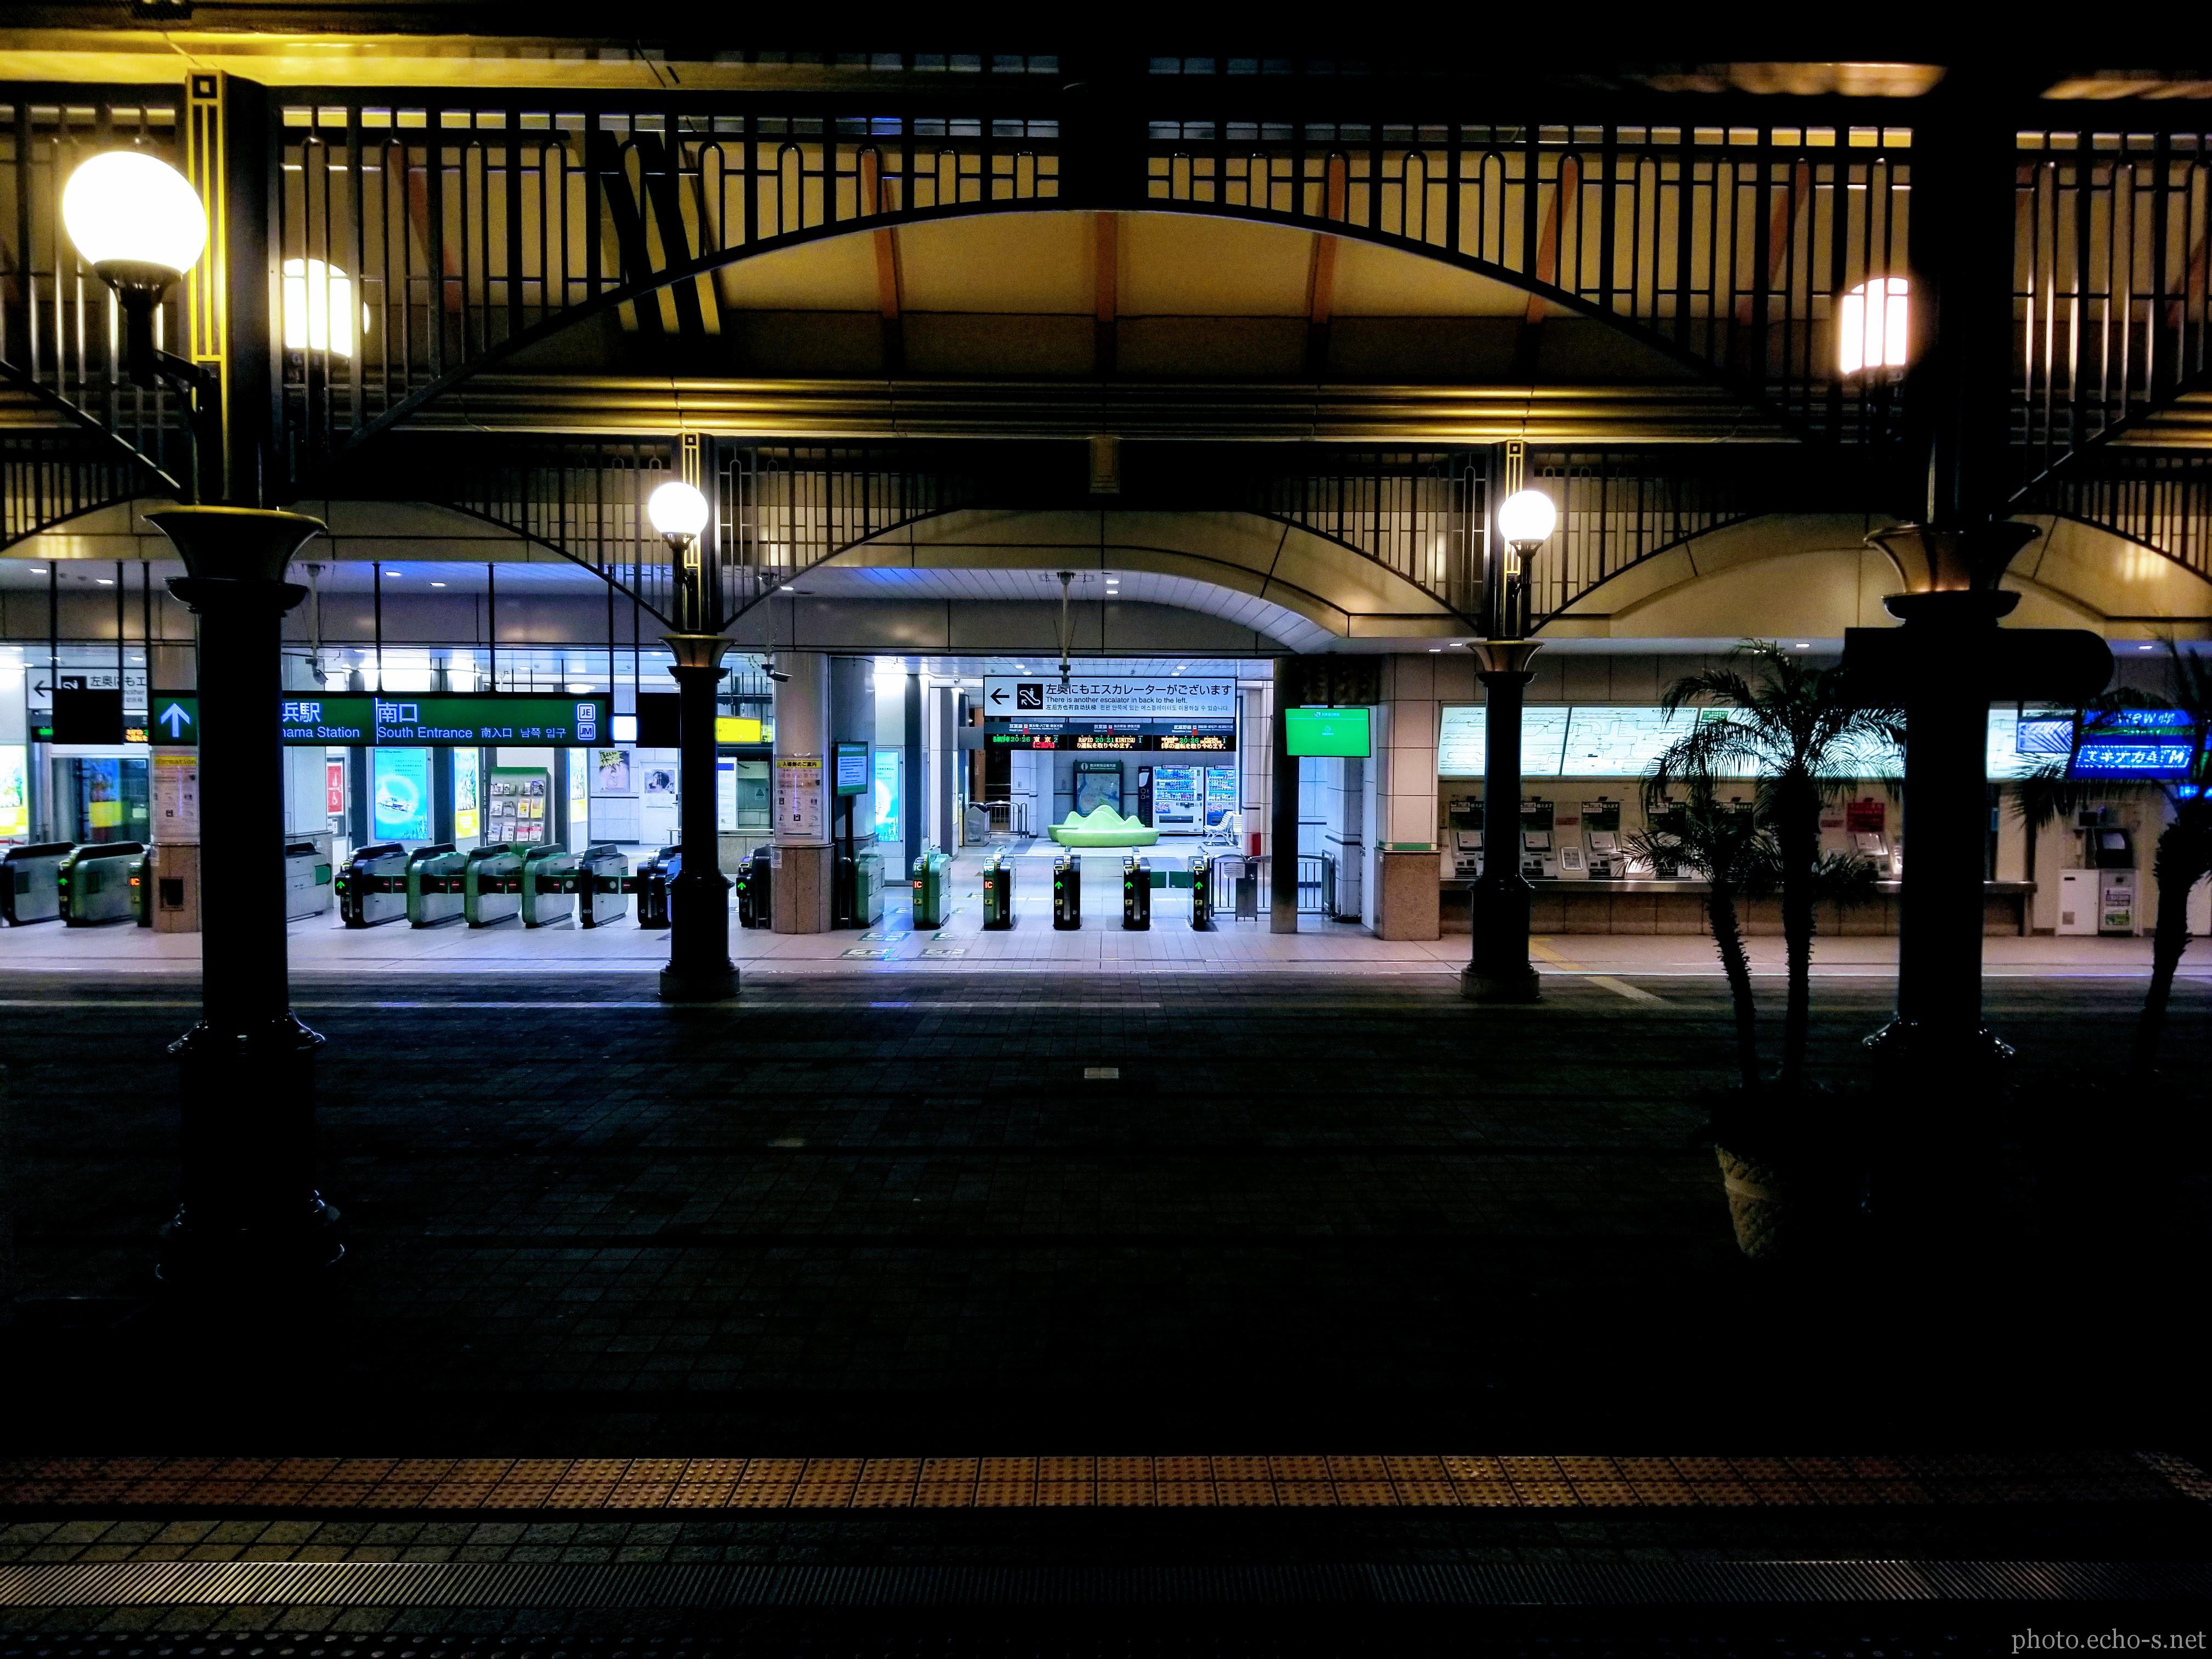 舞浜駅 南口 改札 夜